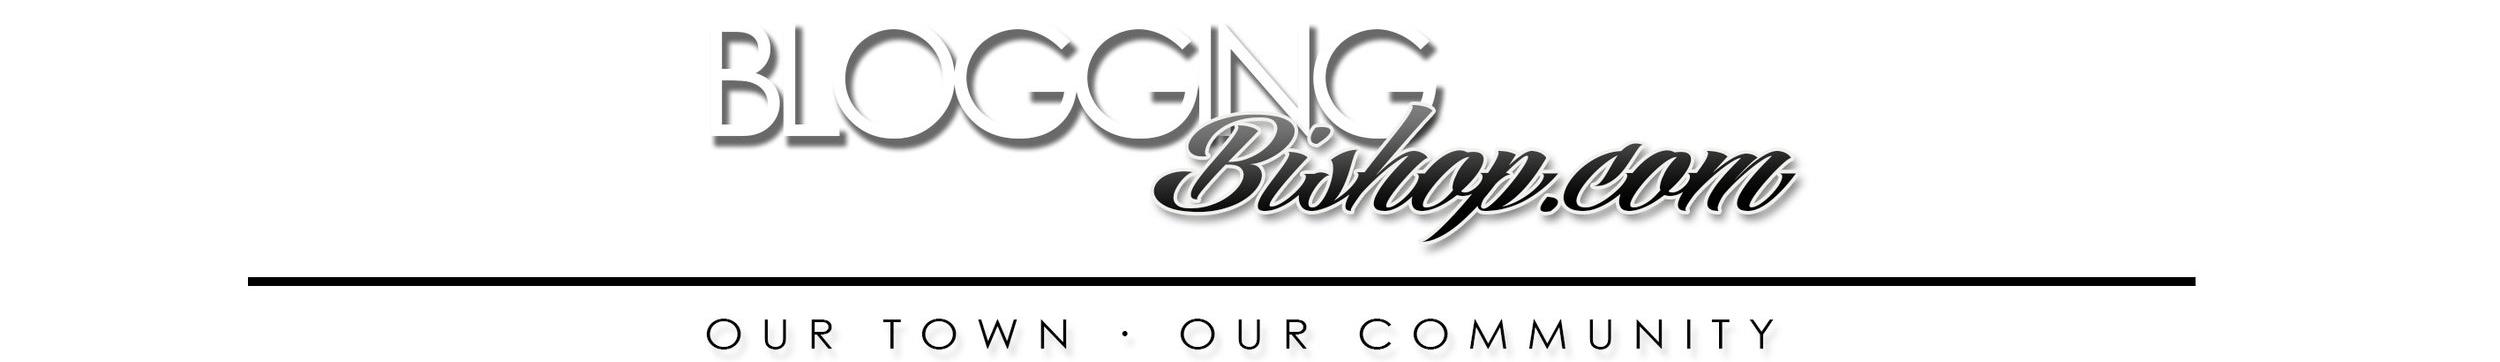 Banner_BloggingBishop_2018-white.jpg